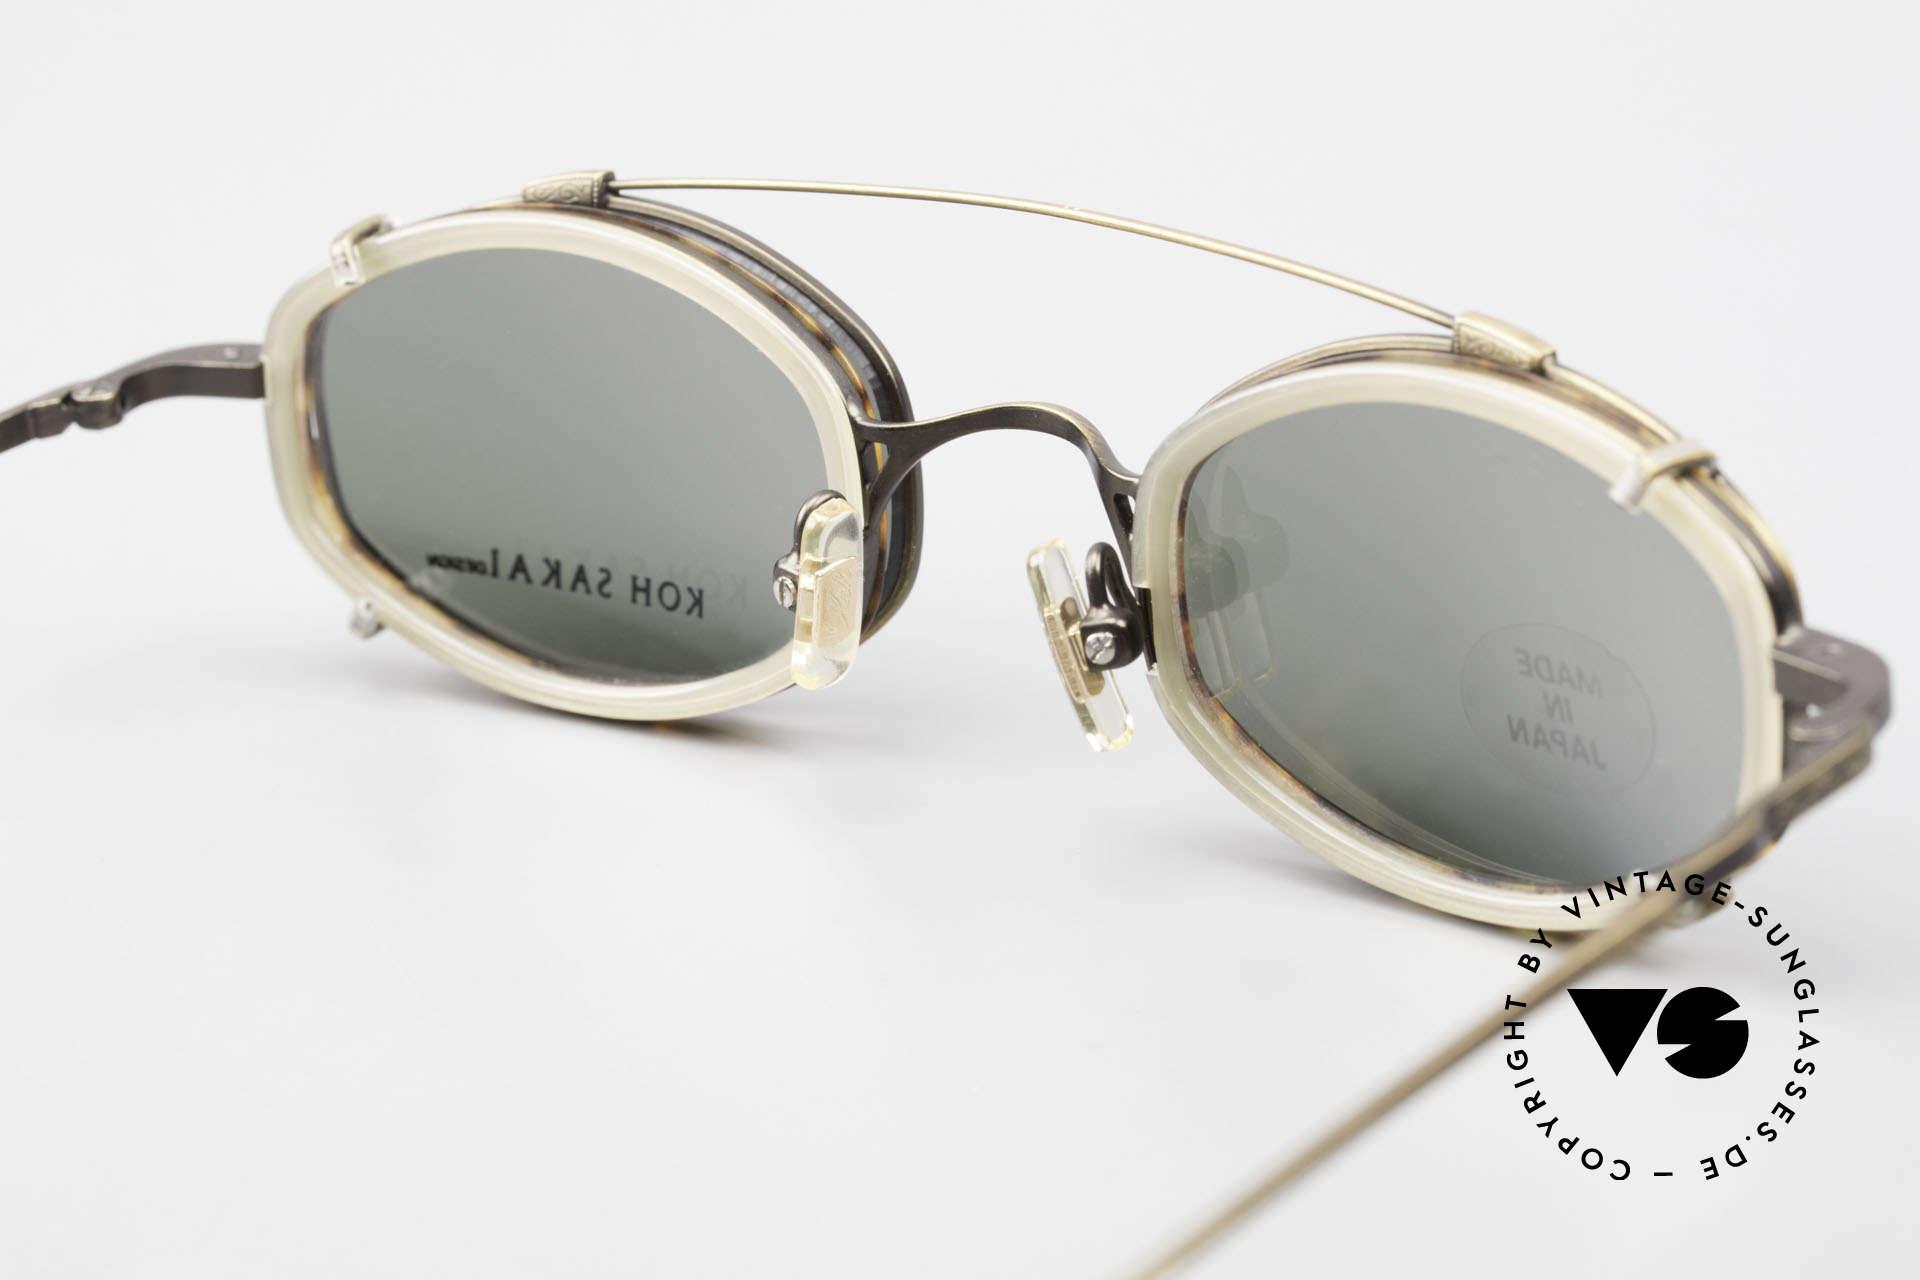 Koh Sakai KS9836 Titanium Brille mit Sonnen-Clip, ungetragen (wie alle unsere vintage Clip-On Brillen), Passend für Herren und Damen